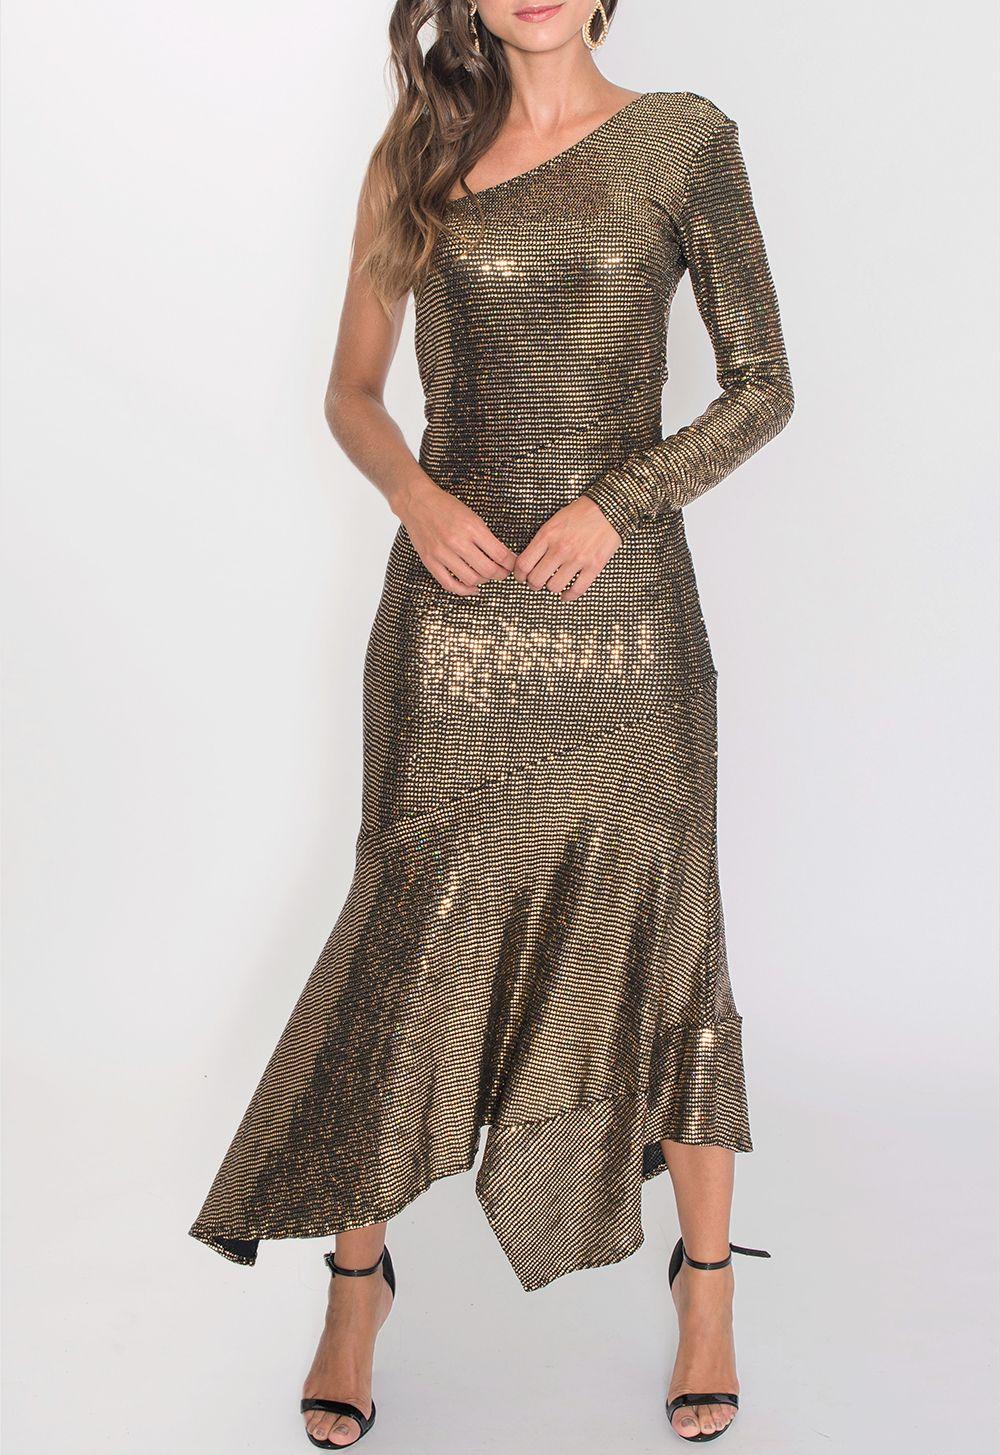 528cf6a44 Vestido midi dourado e prata, um ombro só, com aplicação de brilhos, decote